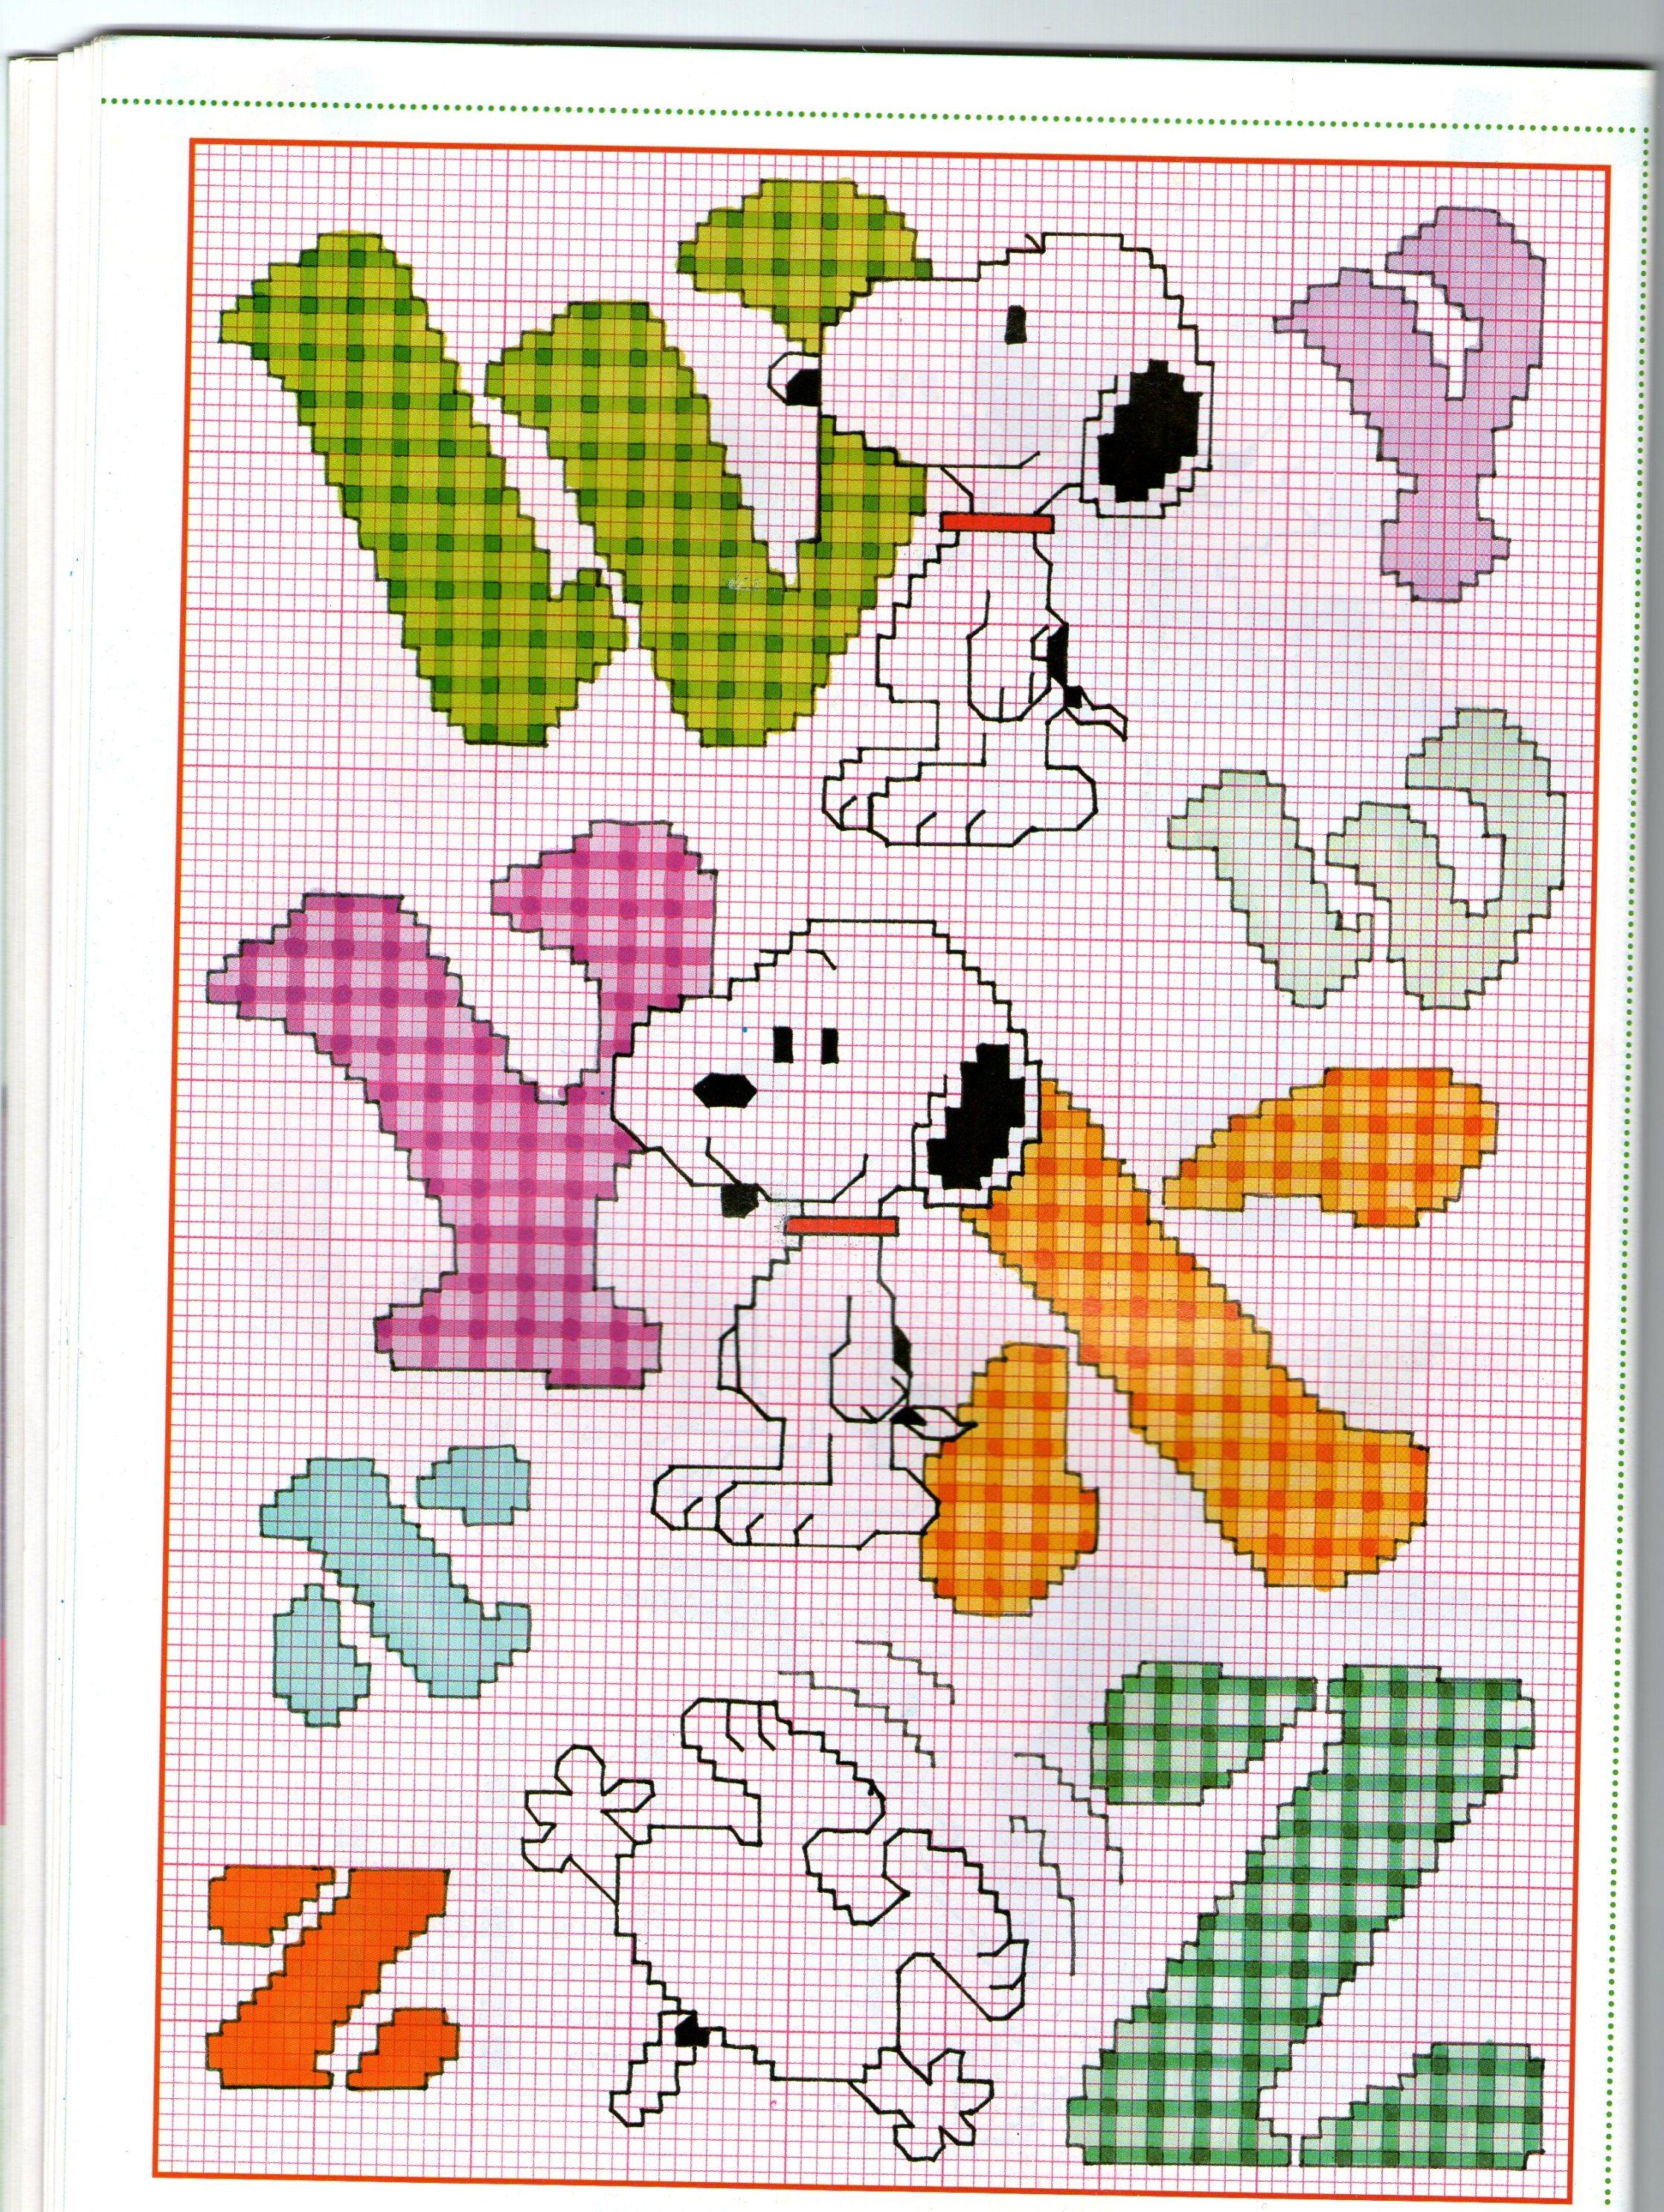 Snoopy all'Uncinetto Amigurumi - Schema Gratuito nel 2020 | 2973x2237